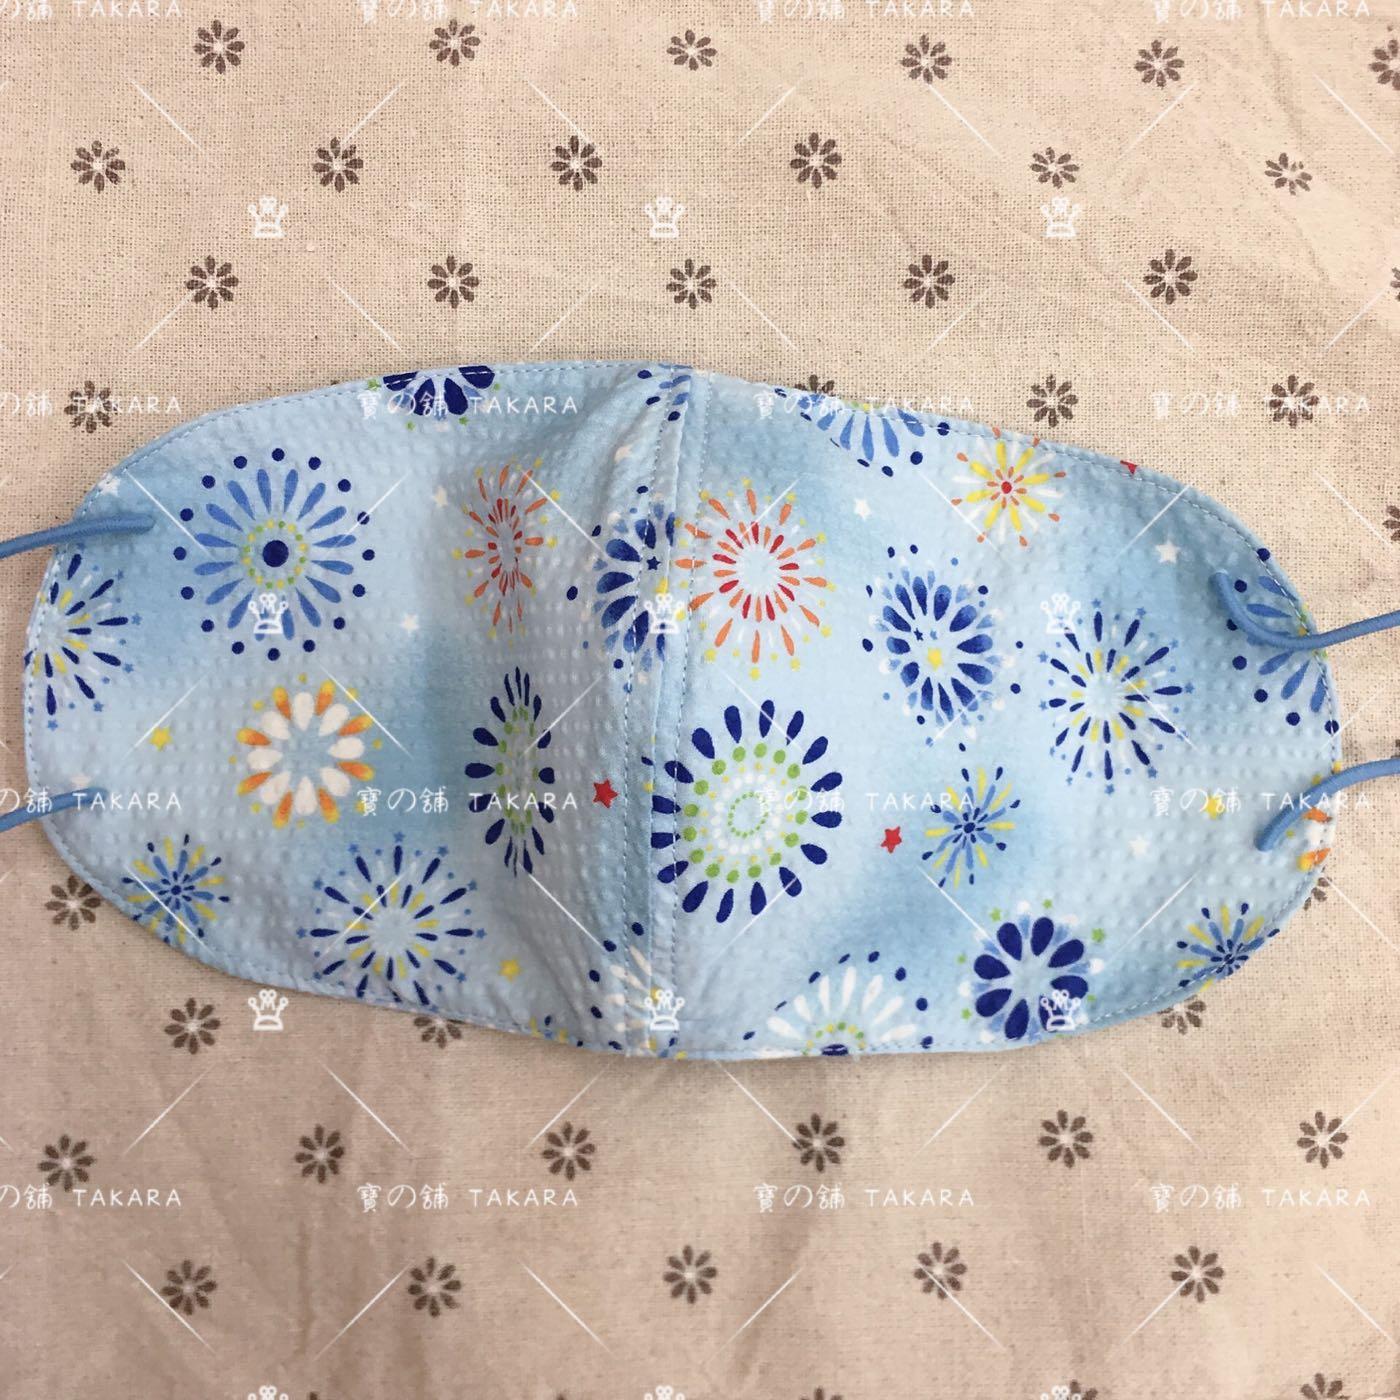 現貨 日本面料 純棉手工 口罩 立體感 1號 夏天泡泡布 水藍煙花 涼感薄透